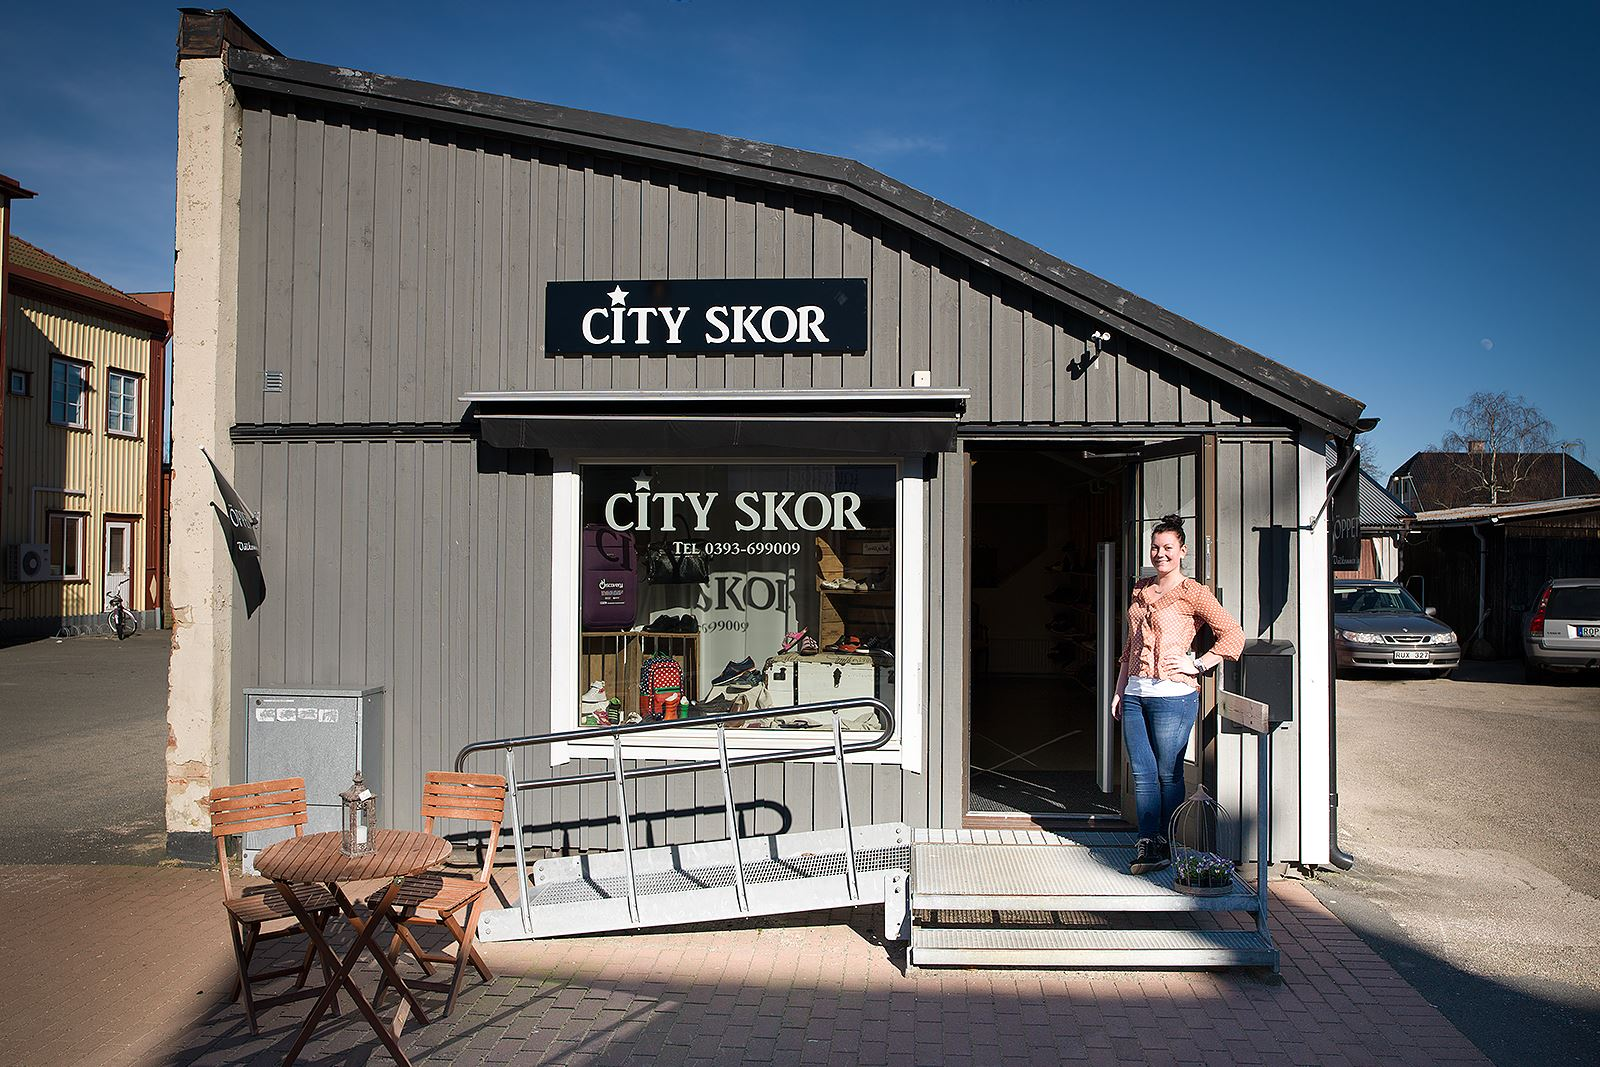 City Skor